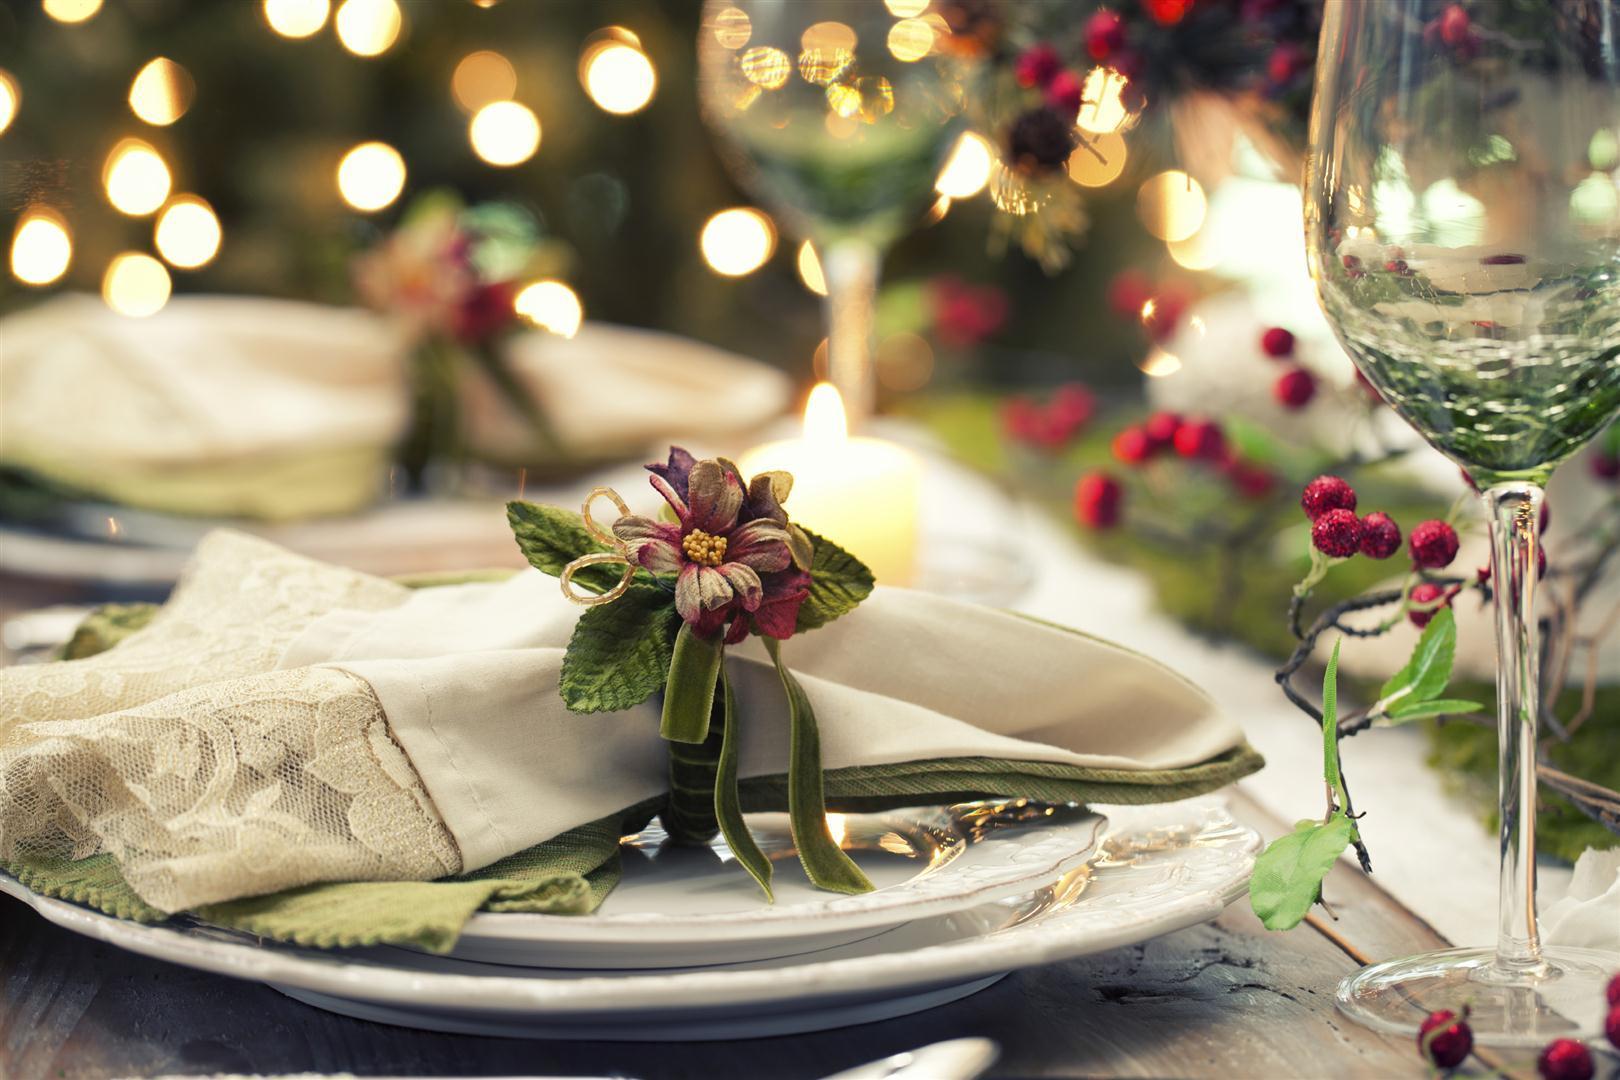 Idee per decorare la tavola di Natale - Tgcom24